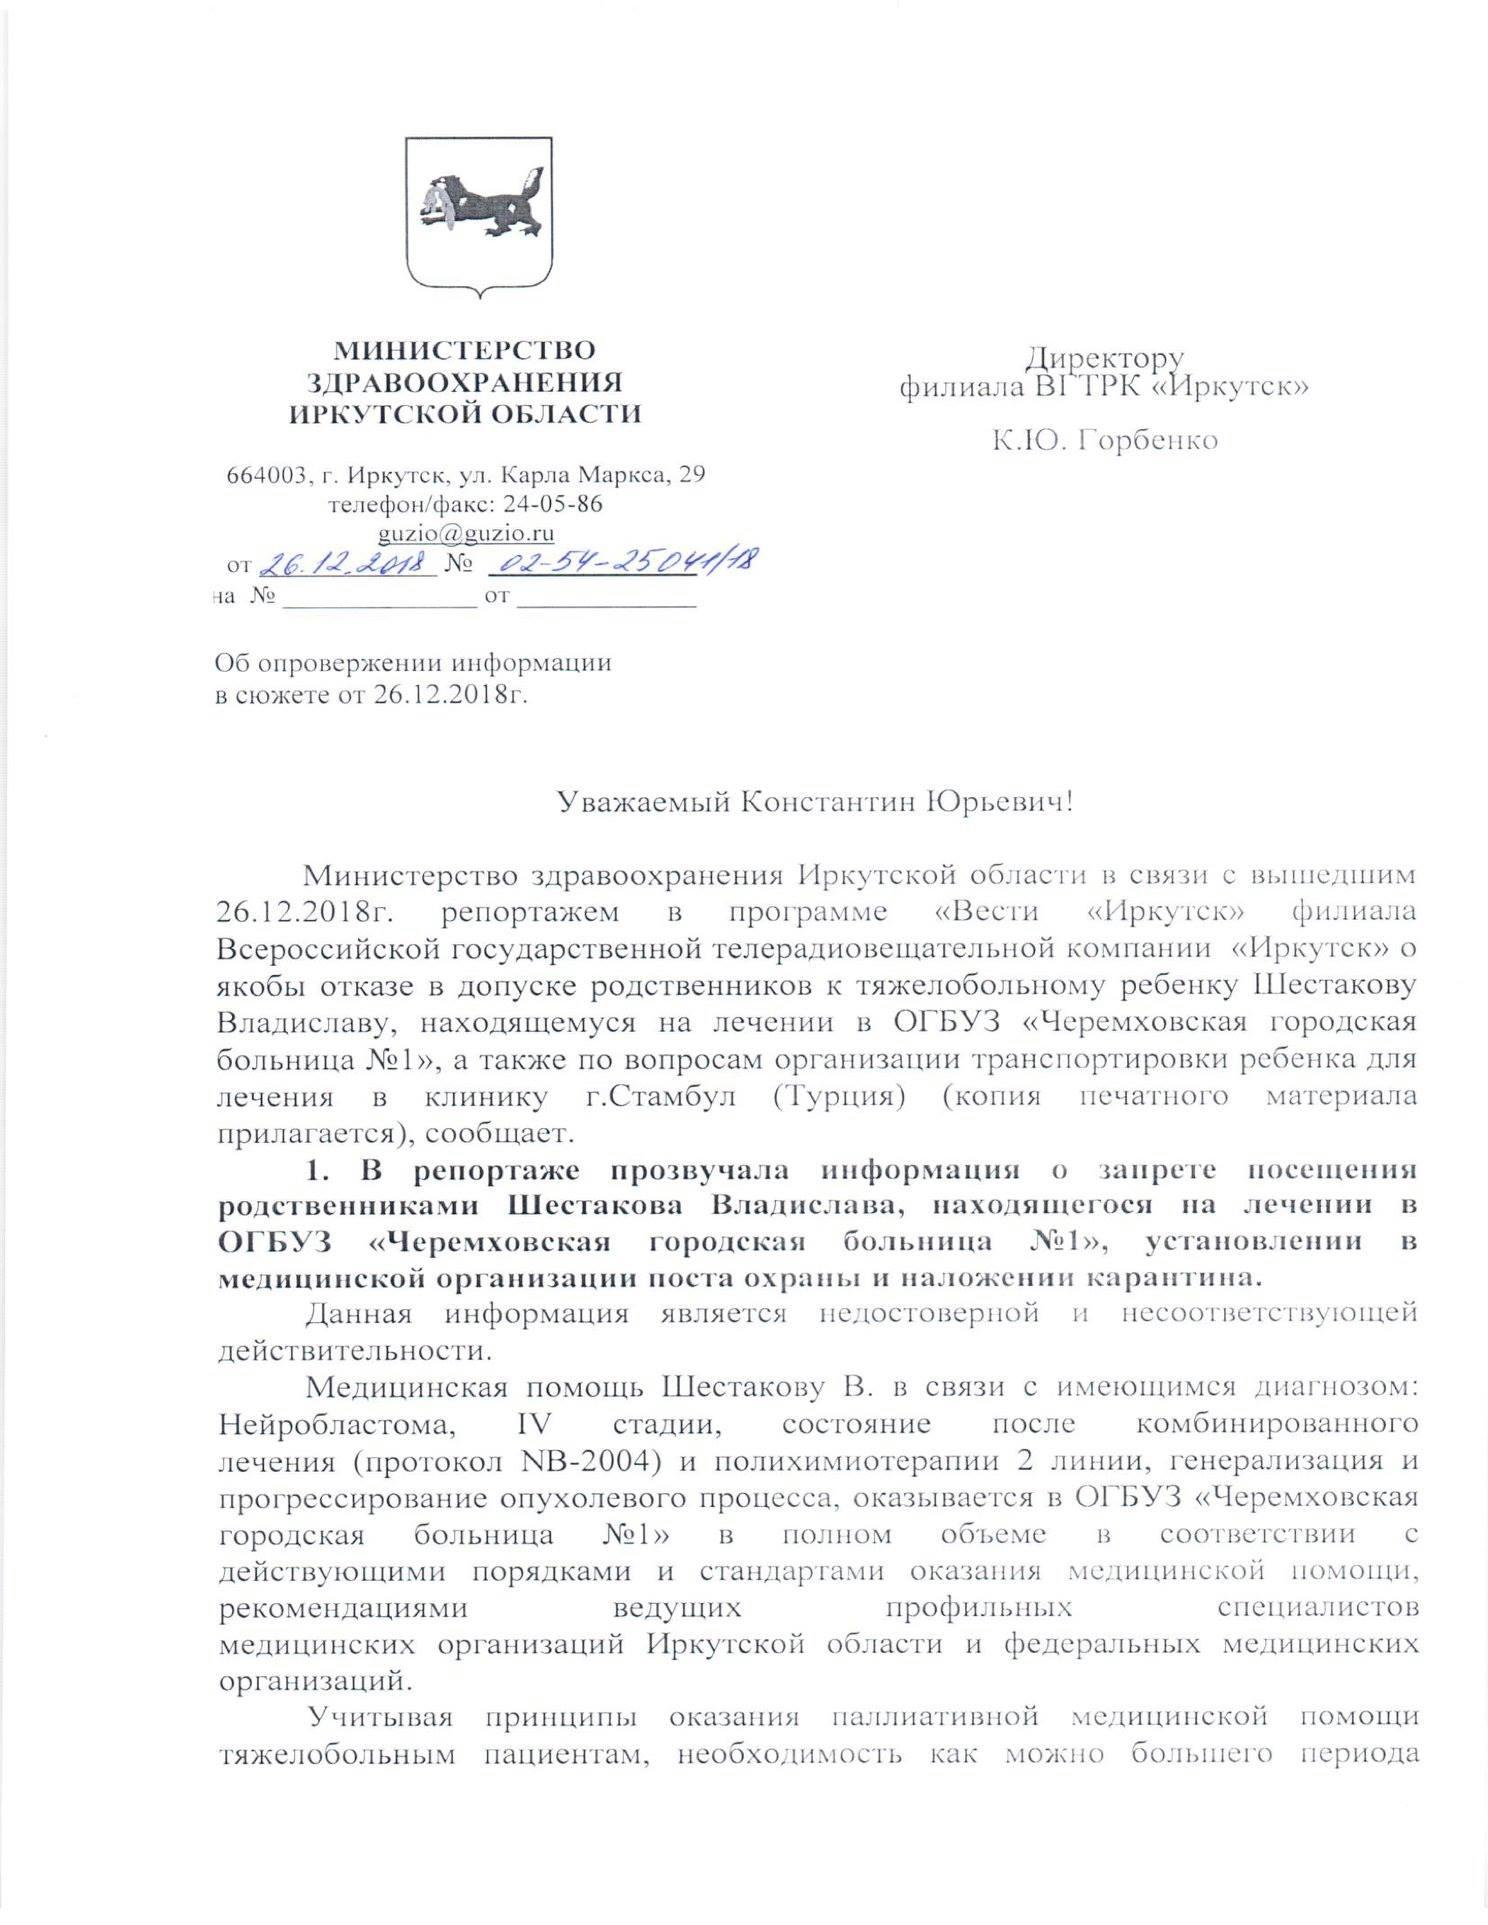 """В программе """"Вести-Иркутск"""" 26 декабря вышел сюжет о том, что к трёхлетнему Владу Шестакову в больницу не пускают родственников.   Минздрав Иркутской области подготовил опровержение по данному заявлению и направил его в адрес директора фили…"""